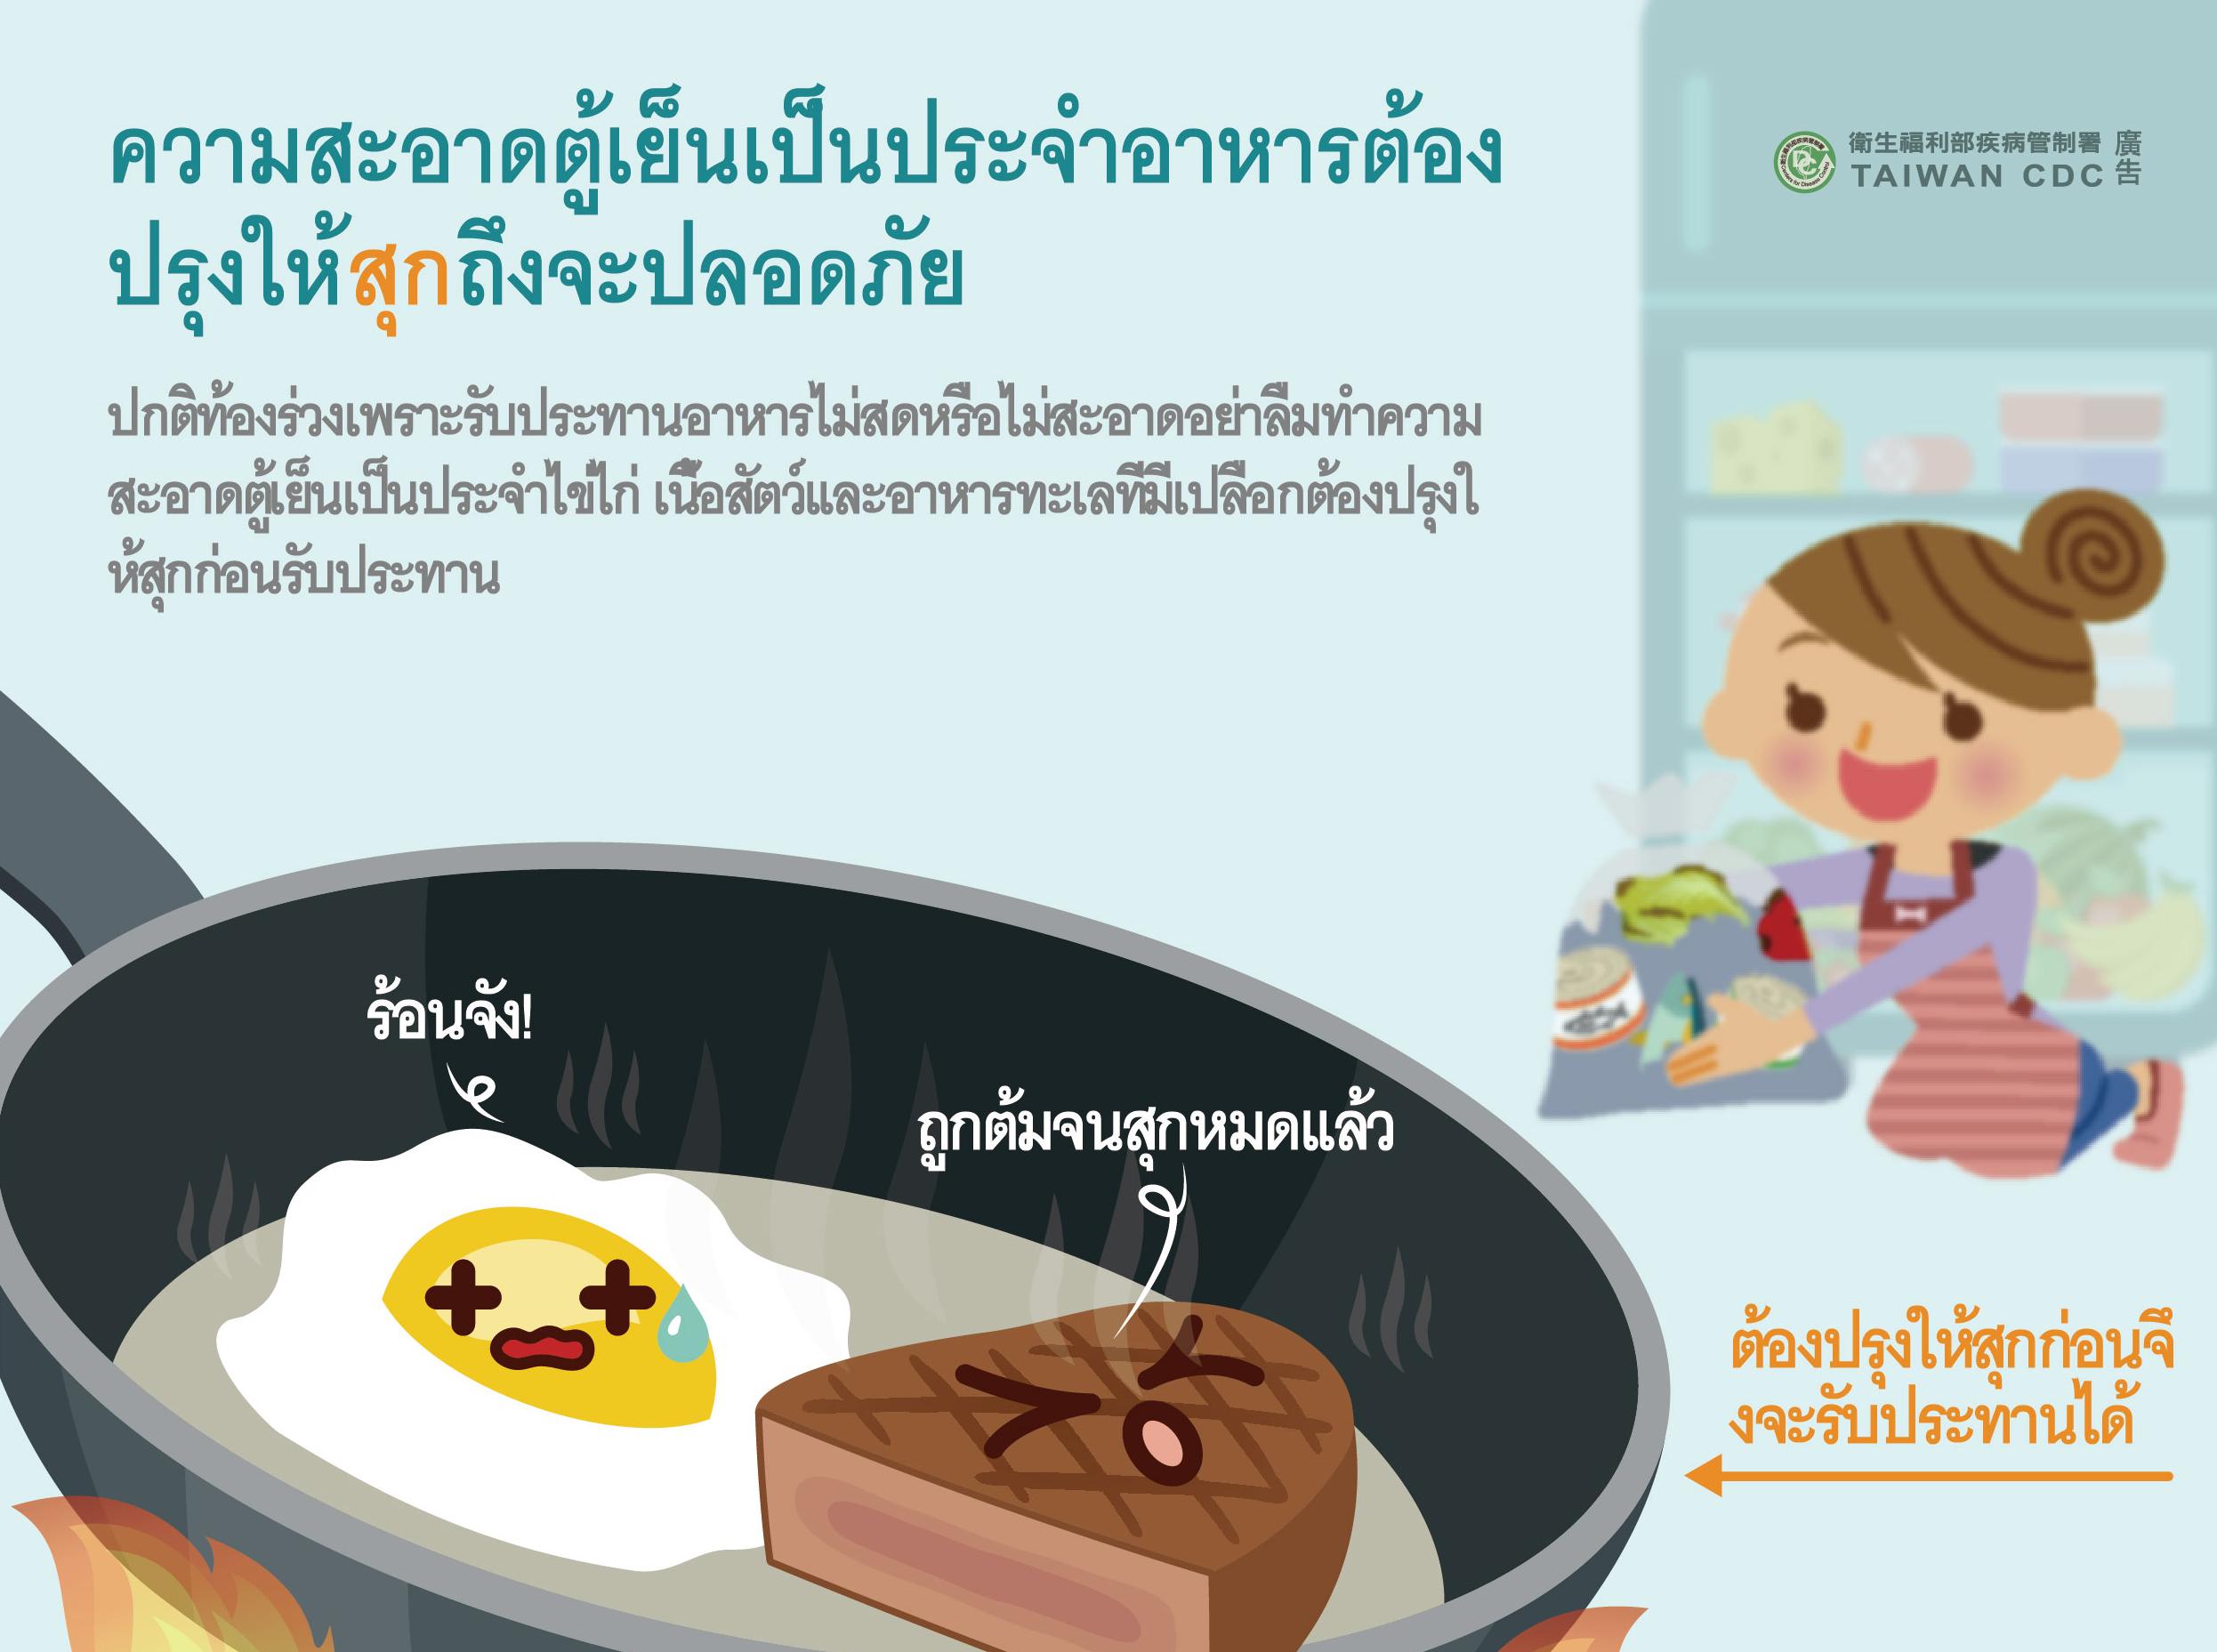 詳如附件【คลิก】ความสะอาดตู้เย็นเป็นประจำ อาหารต้องปรุงให้สุกถึงจะปลอดภัย定期清理電冰箱 食材煮熟才健康(泰文)